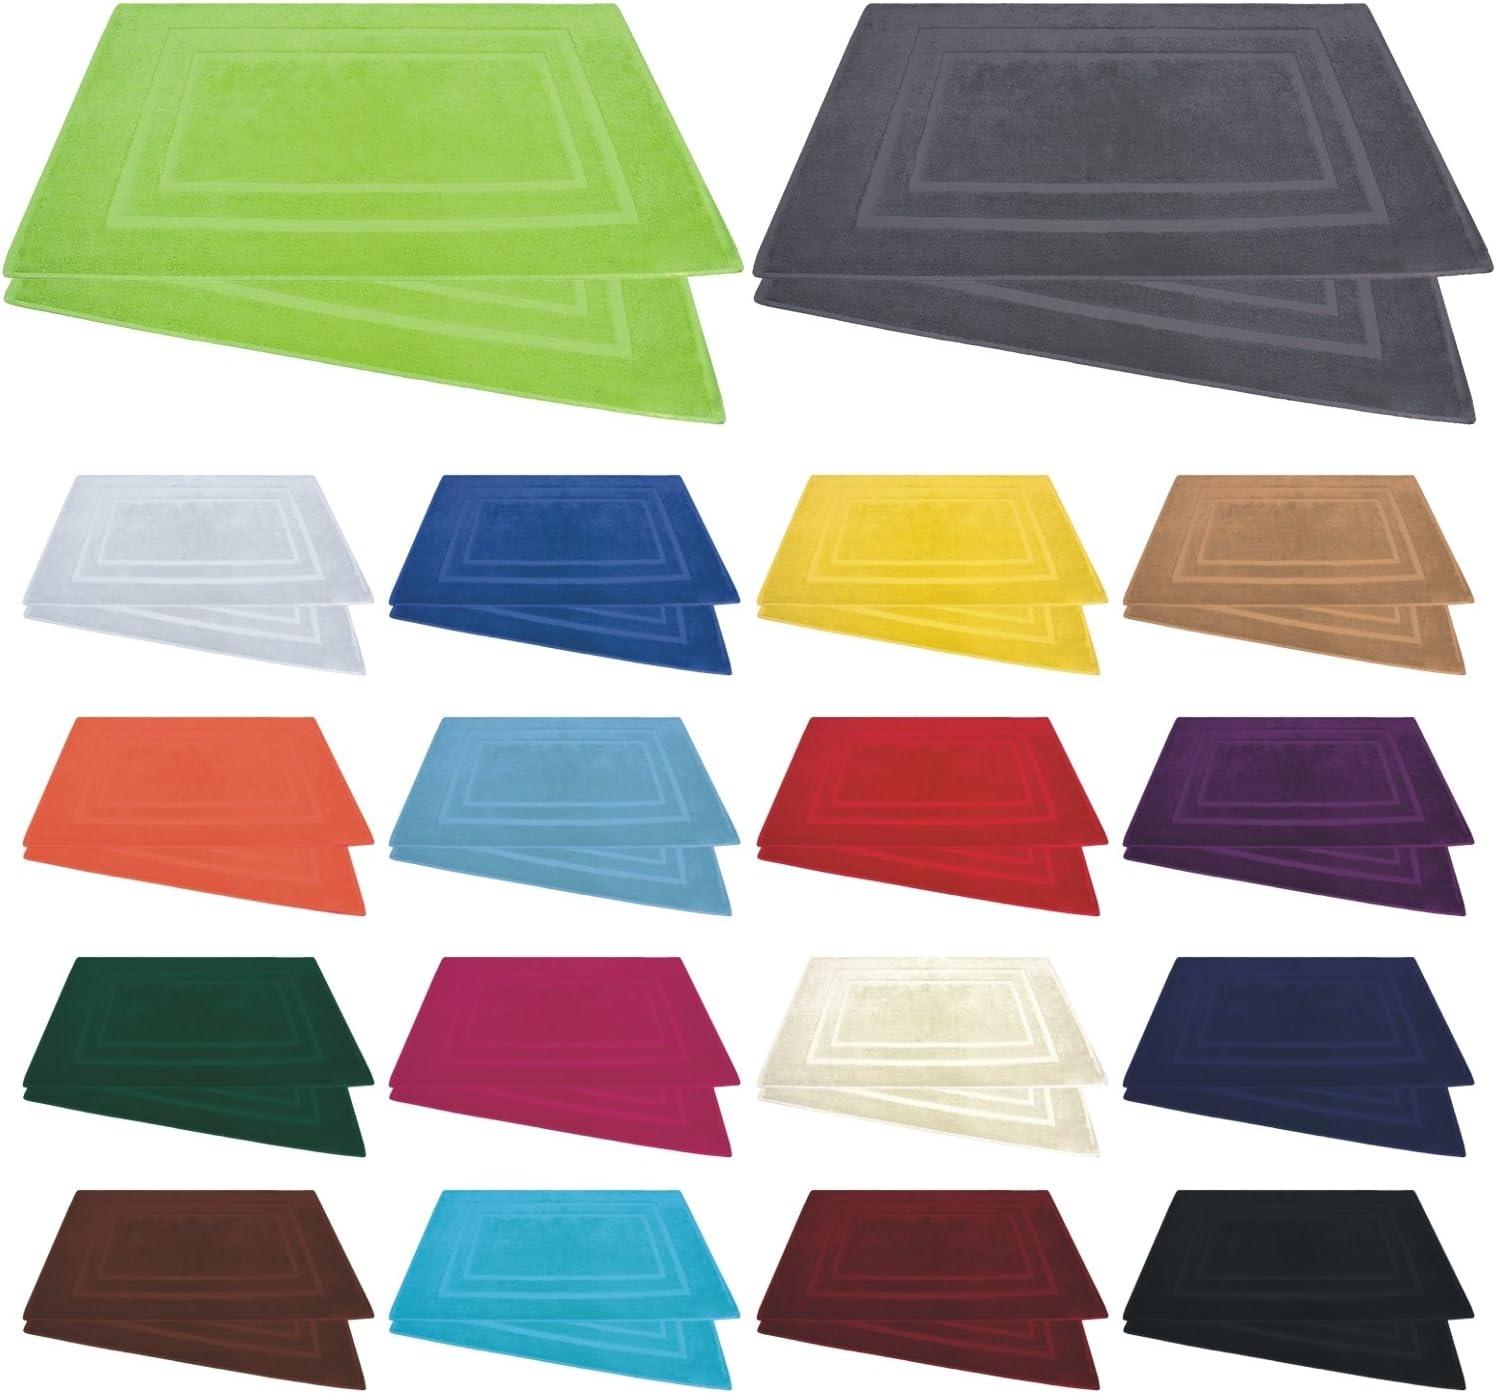 100/% algod/ón /Algod/ón 800/g//m/²/ Alfombrilla de ba/ño/ /50/x 80/cm /en muchos colores/ 2 unidades /Pack de 2 // 4/unidades/ burdeos